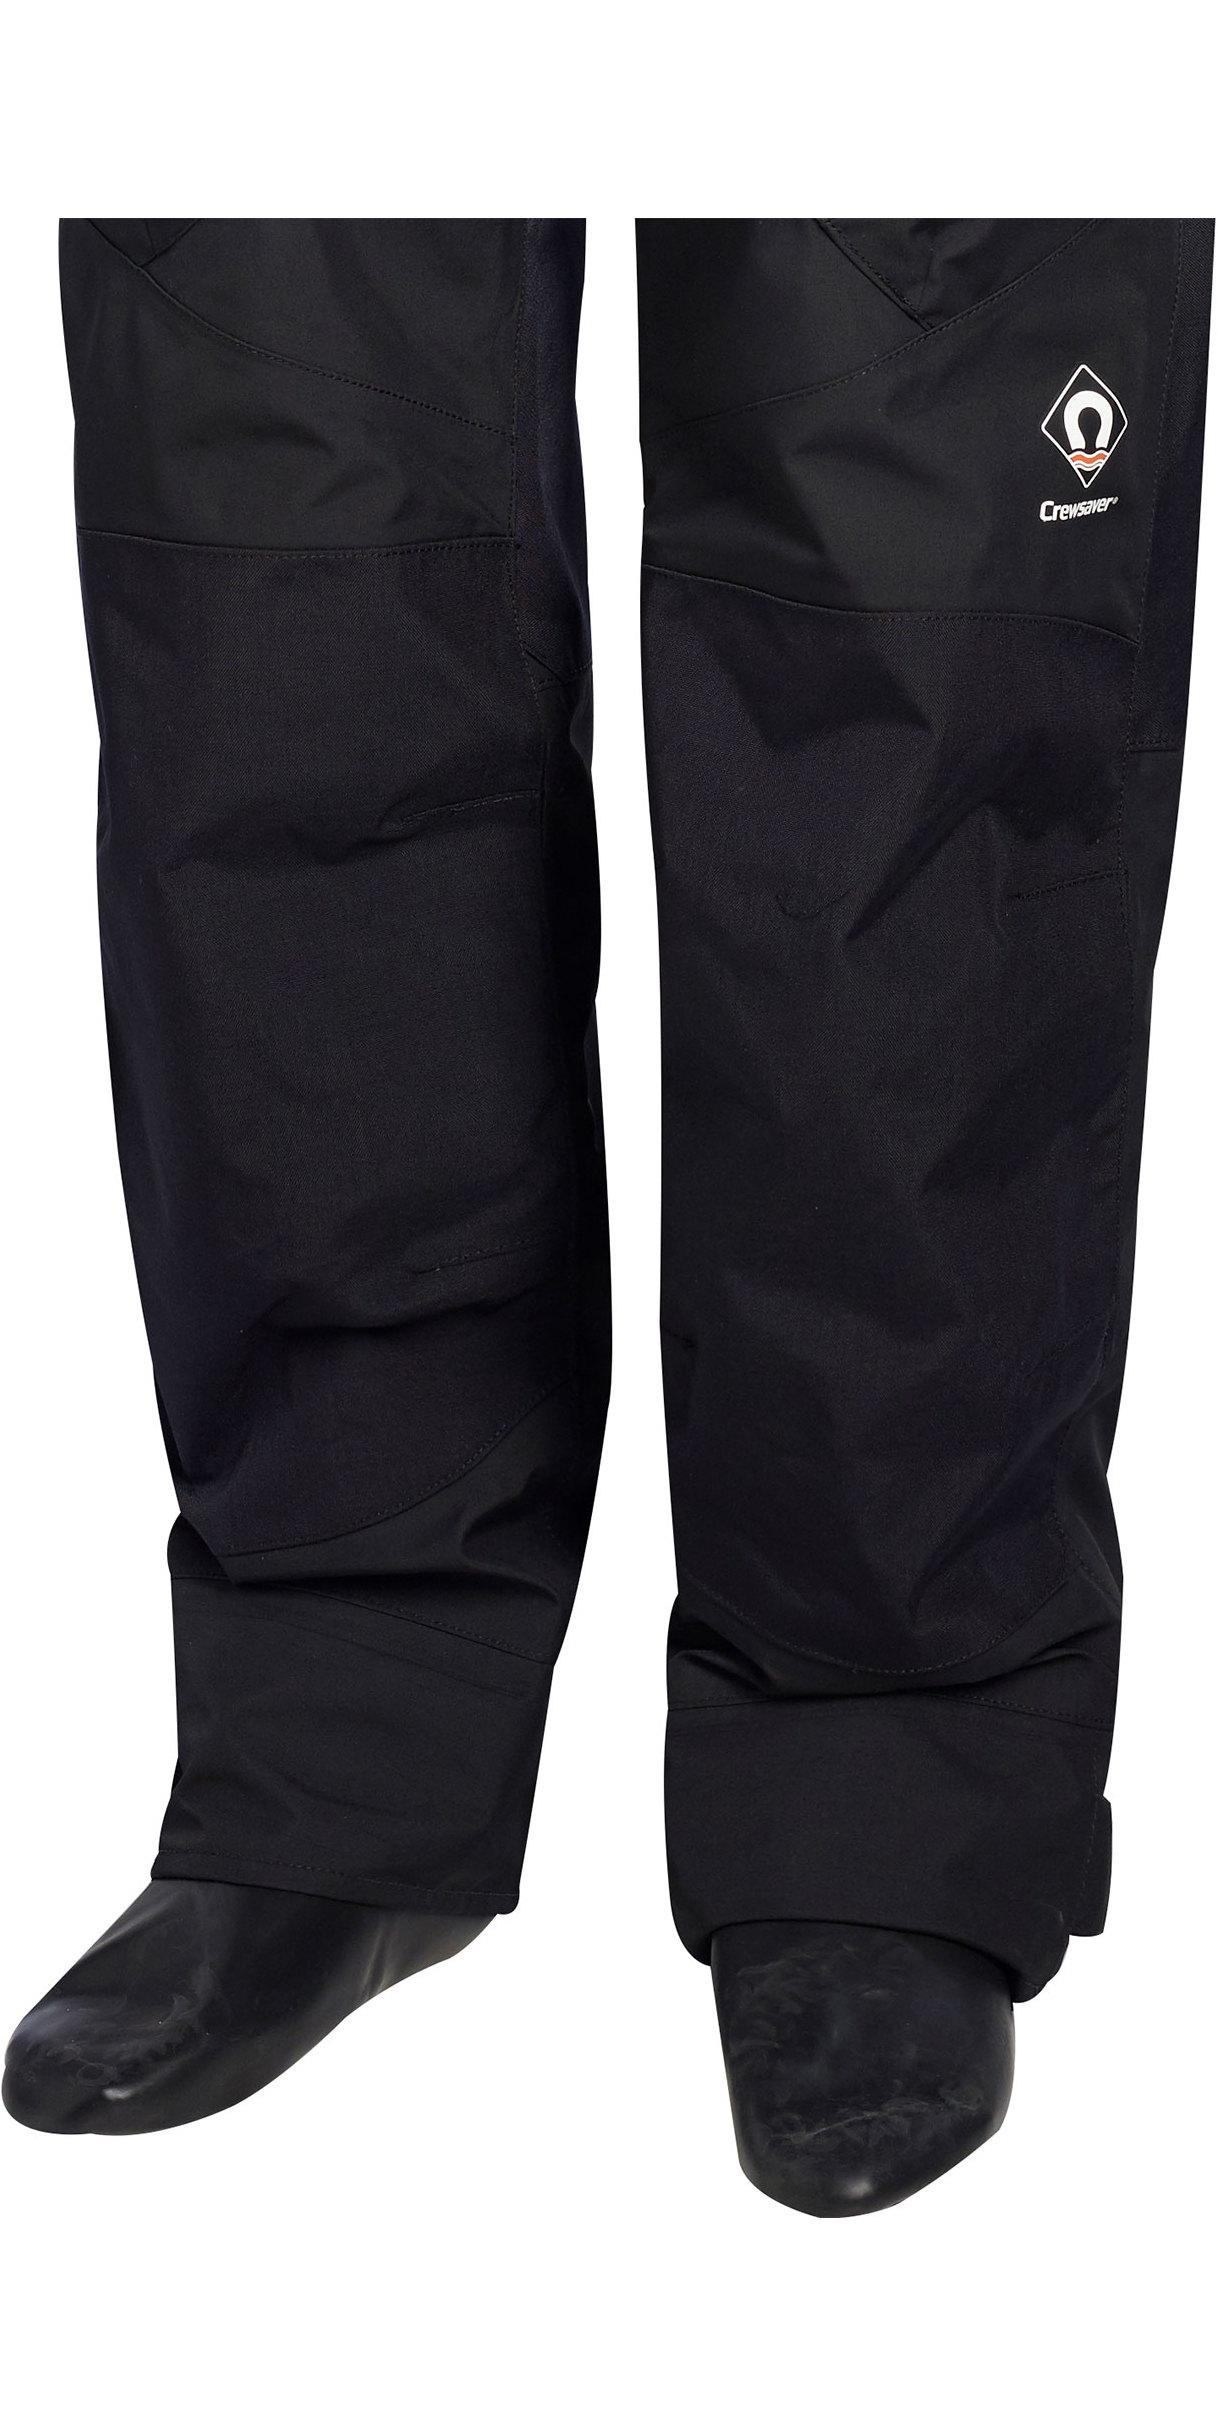 2019 Crewsaver Junior Atacama Pro Drysuit INCLUDING UNDERSUIT BLACK 6556J